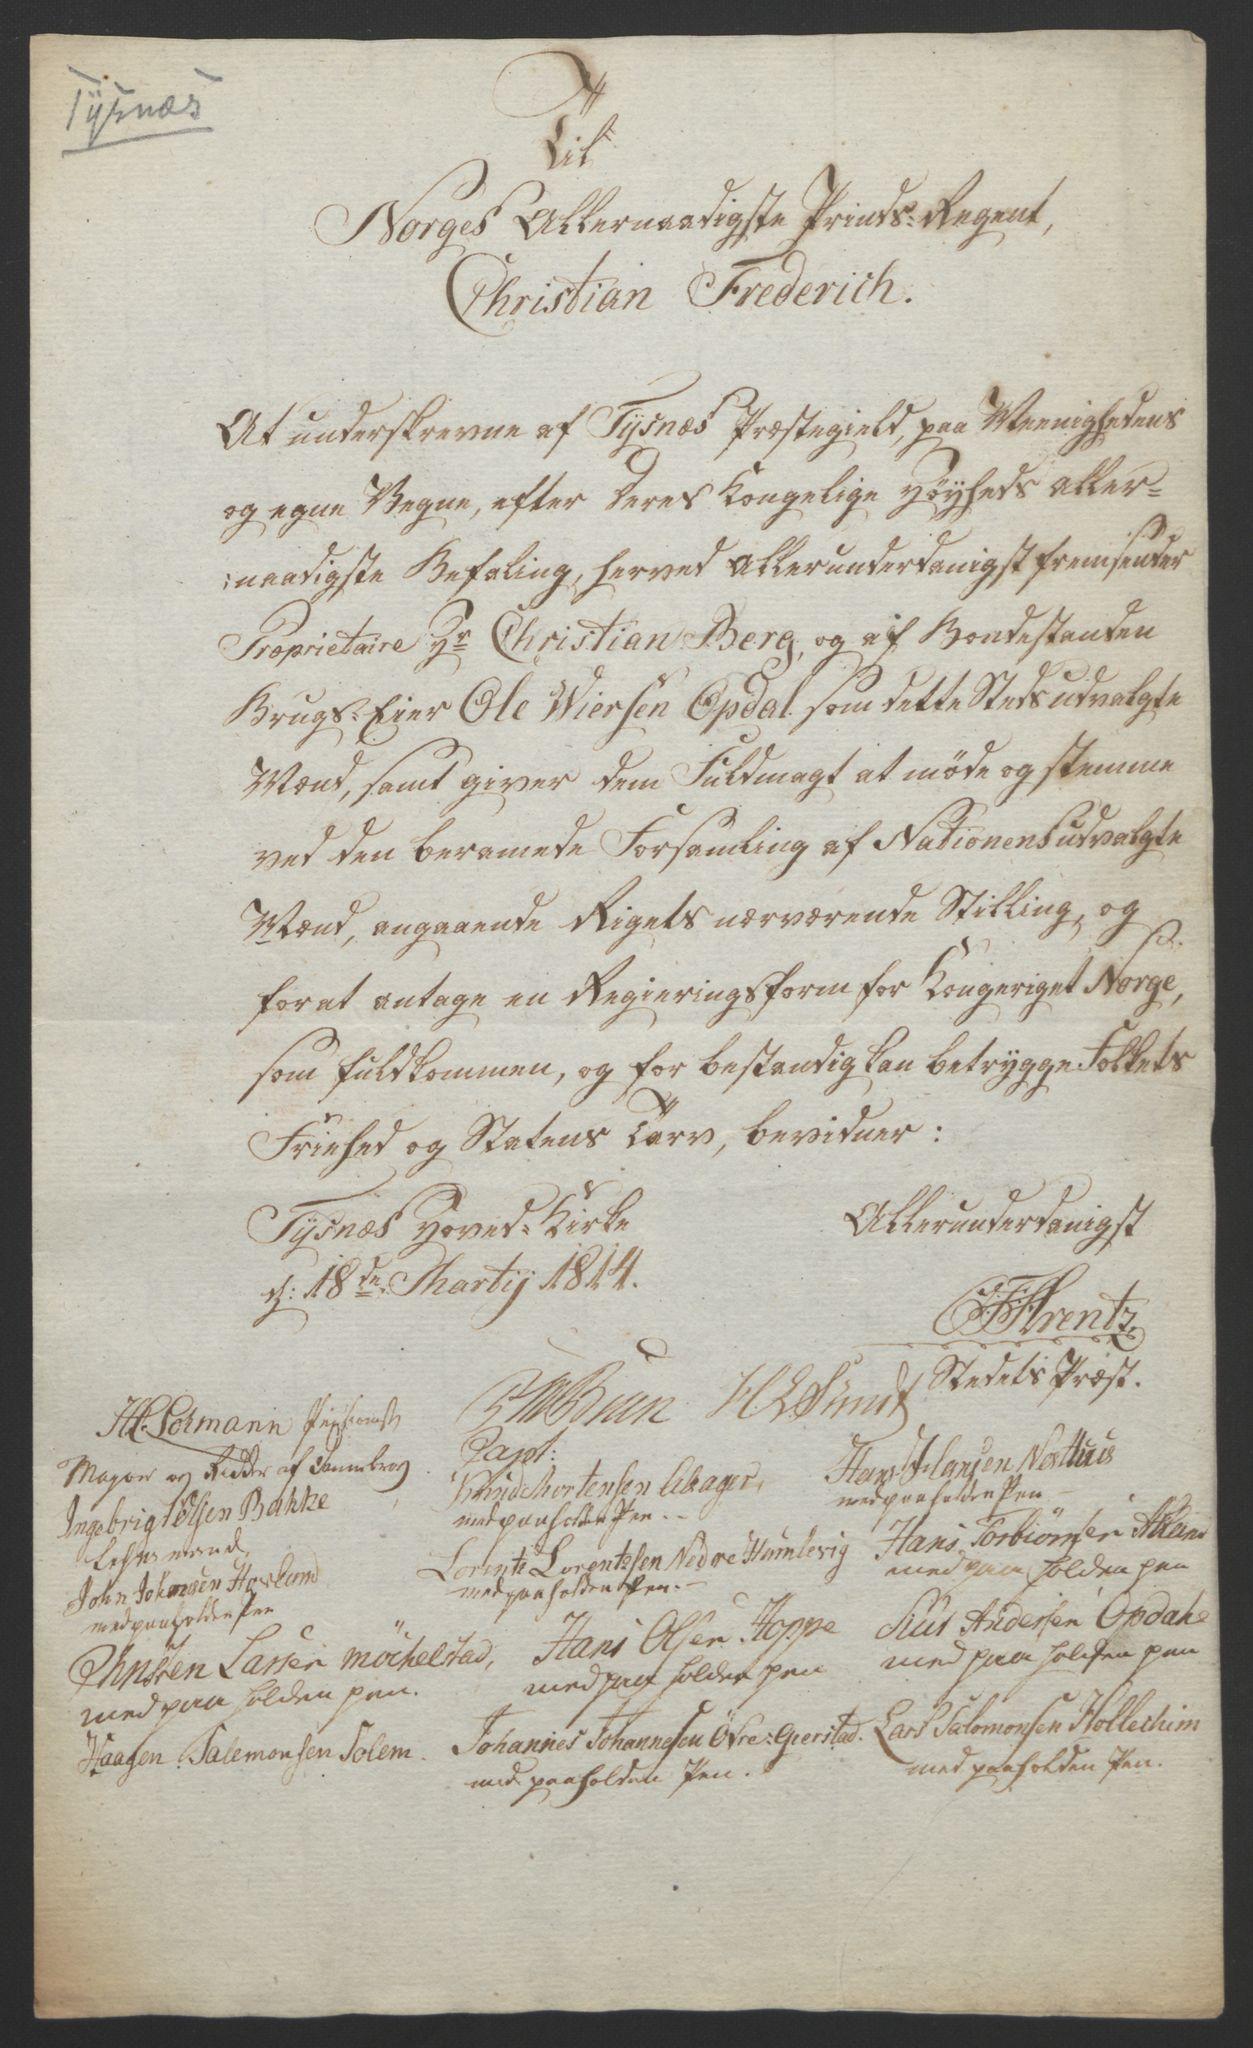 RA, Statsrådssekretariatet, D/Db/L0008: Fullmakter for Eidsvollsrepresentantene i 1814. , 1814, s. 302